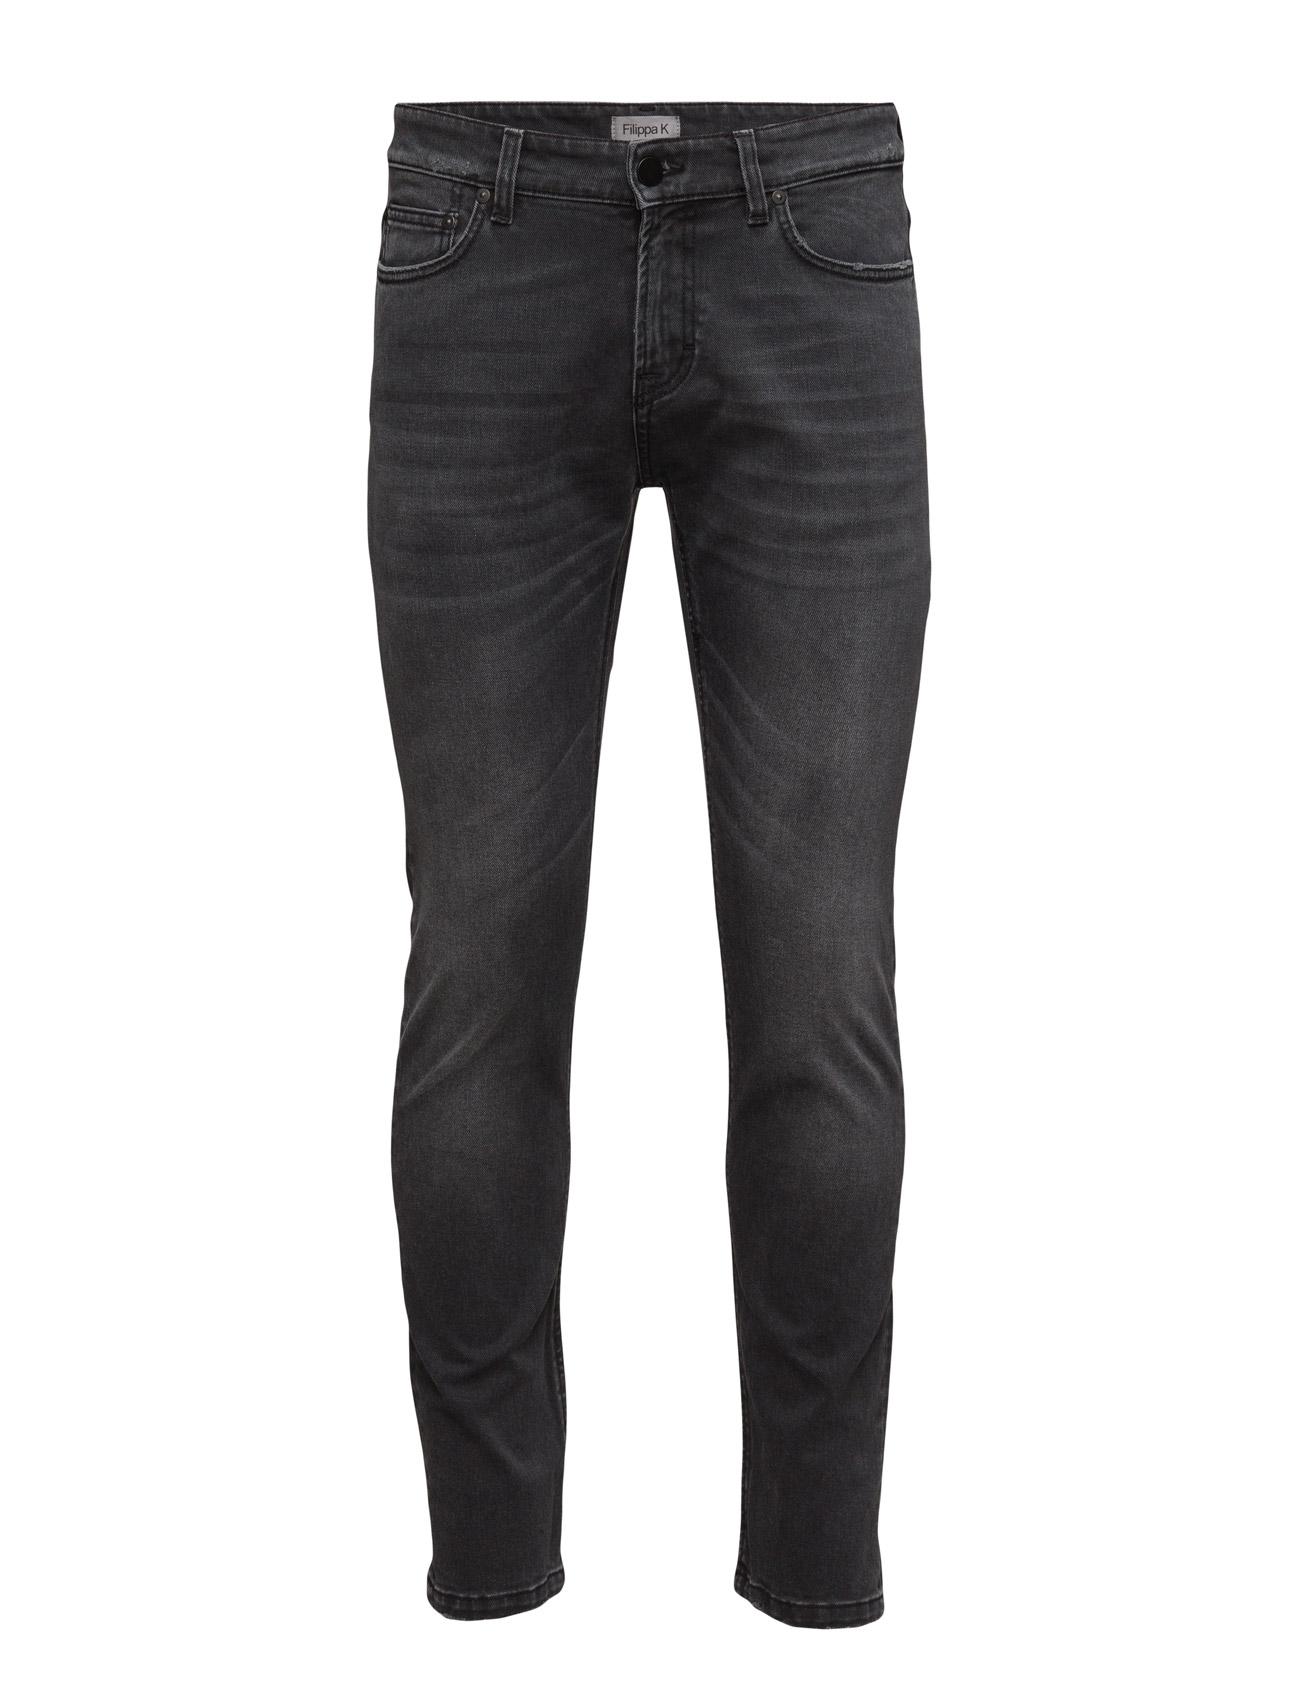 M. Stan Black Wash Jeans Filippa K Skinny til Herrer i